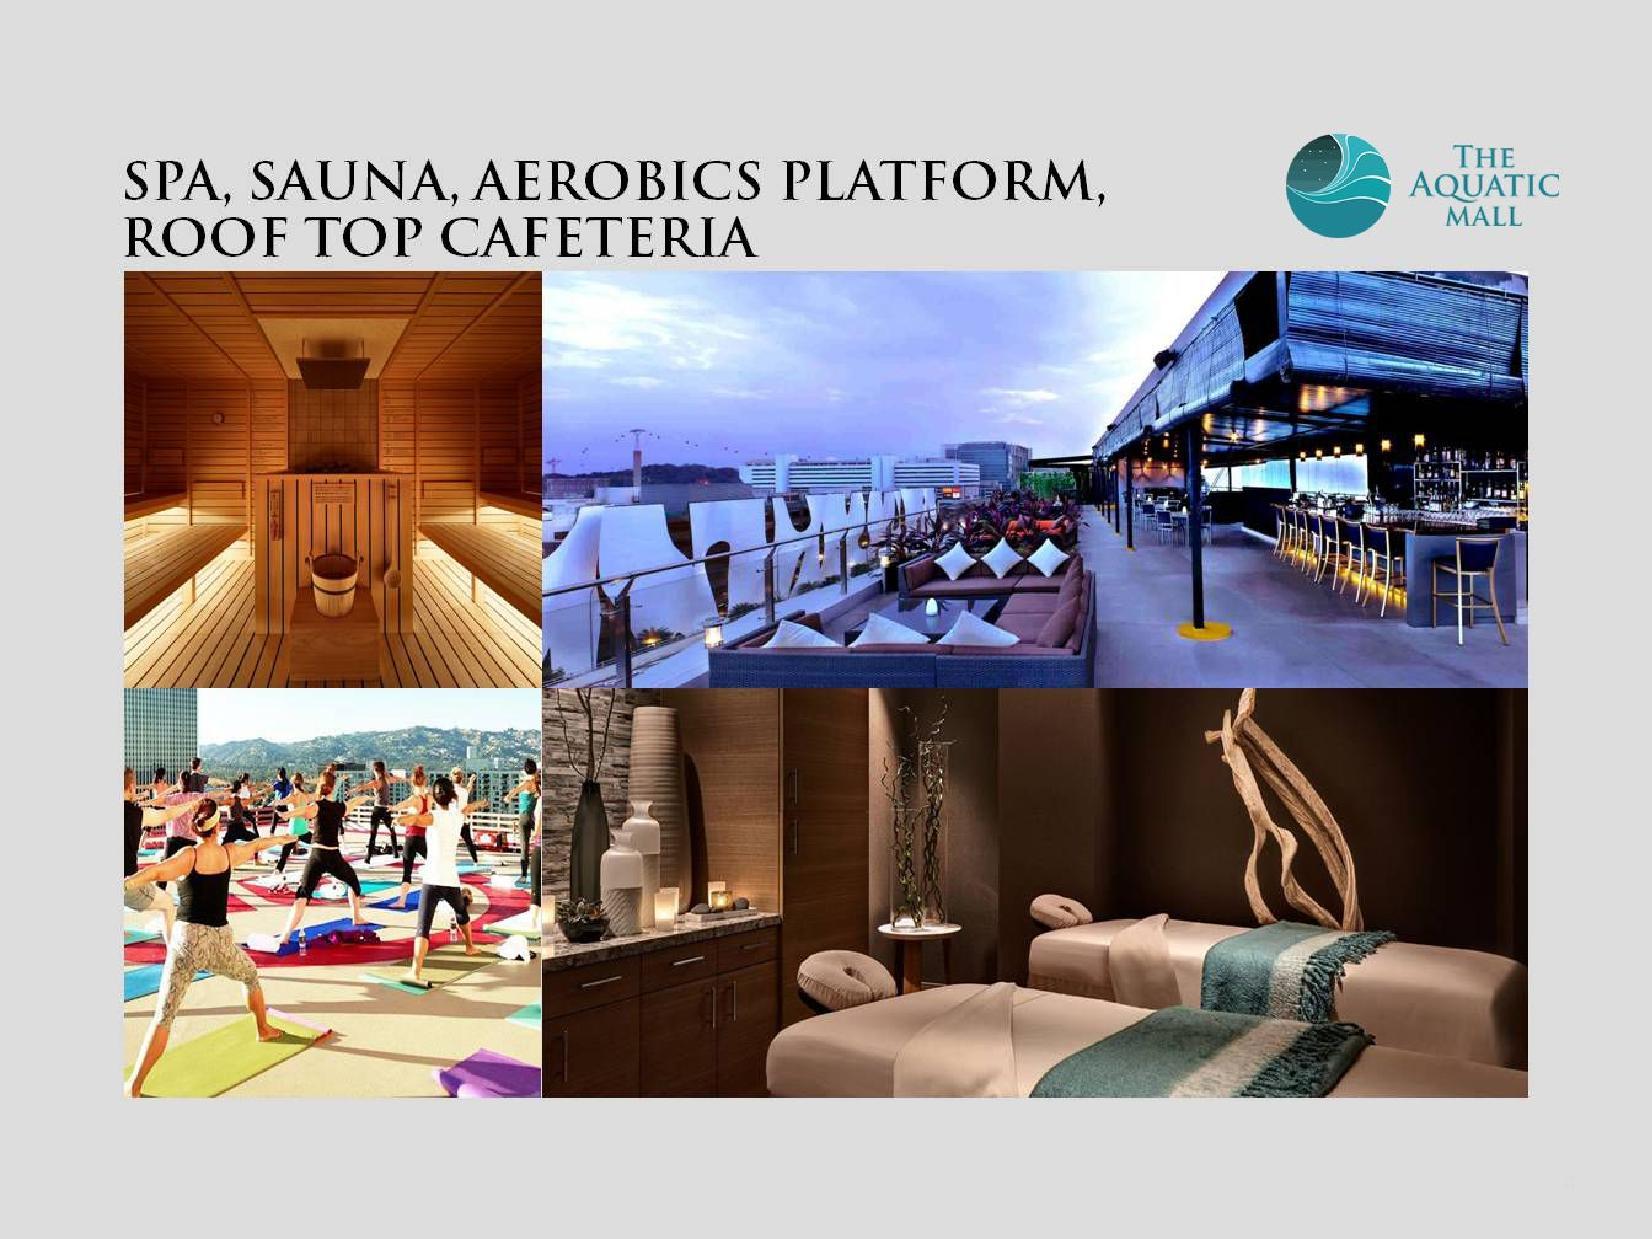 Aquatic Mall Spa Sauna Aerobics Place Rooftop Cafeteria